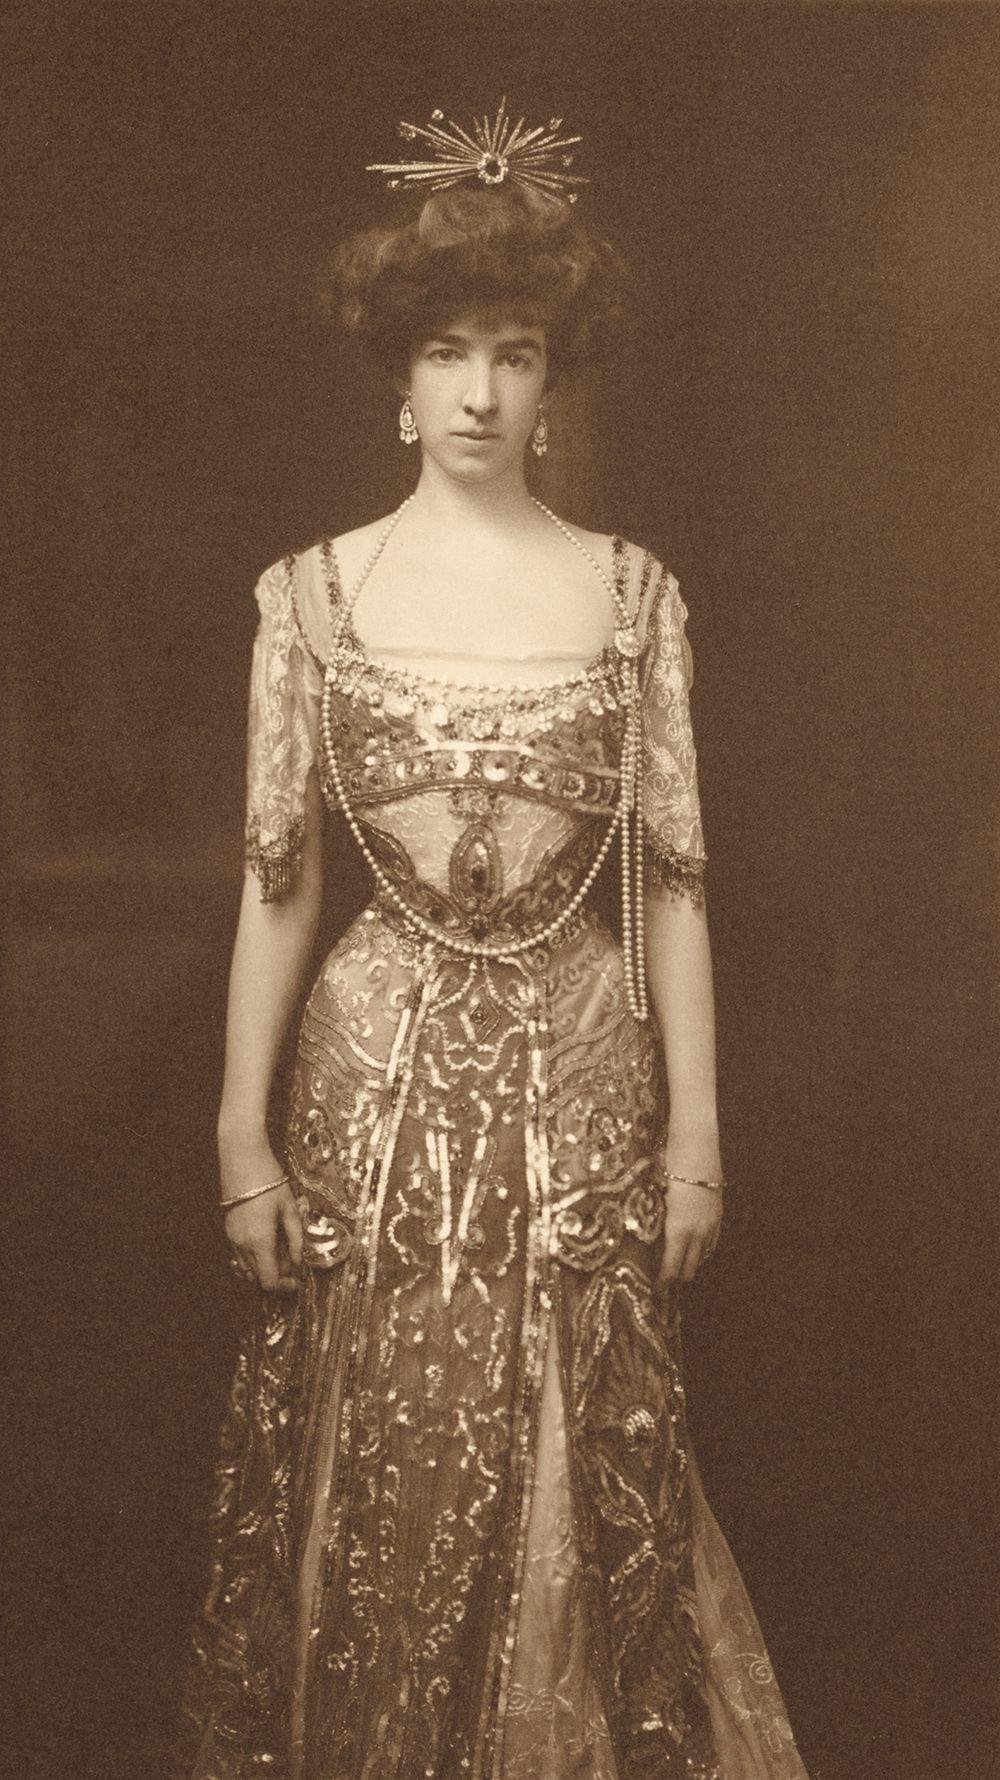 Photograph of sculptor Gertrude Vanderbilt Whitney